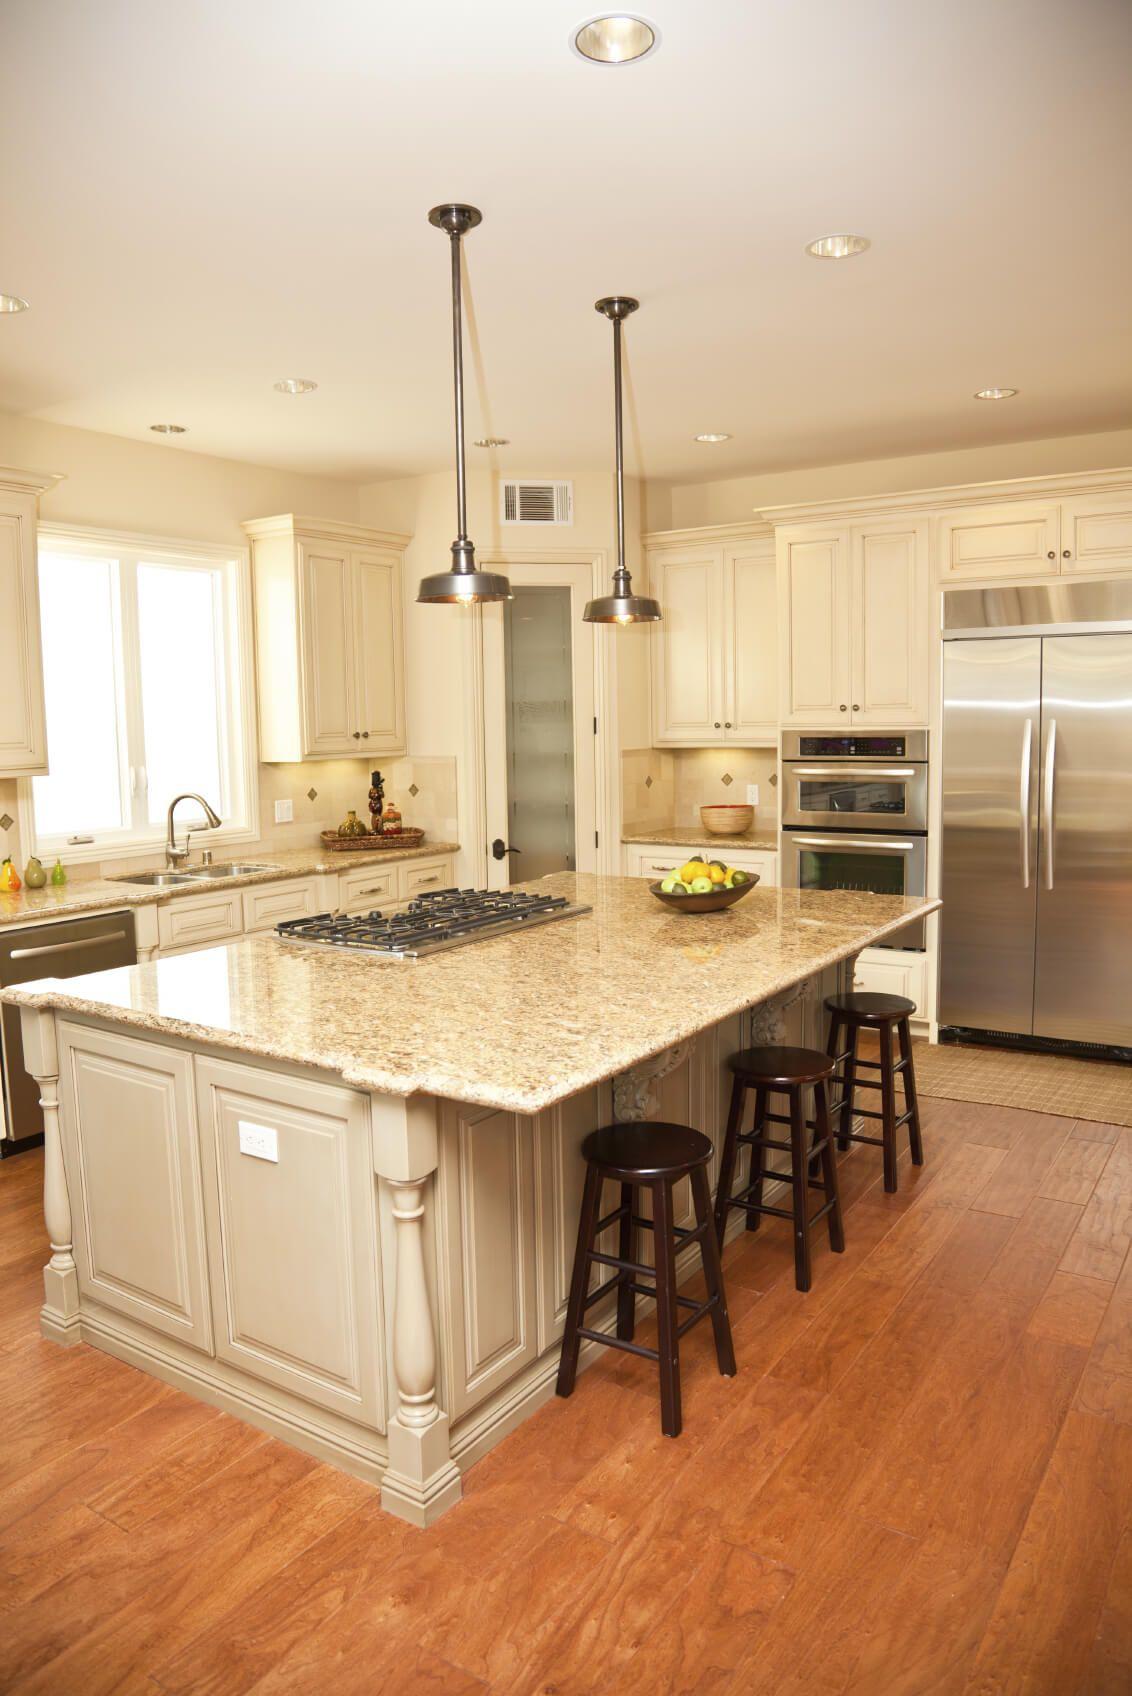 425 white kitchen ideas for 2018 in 2018   kitchen   pinterest